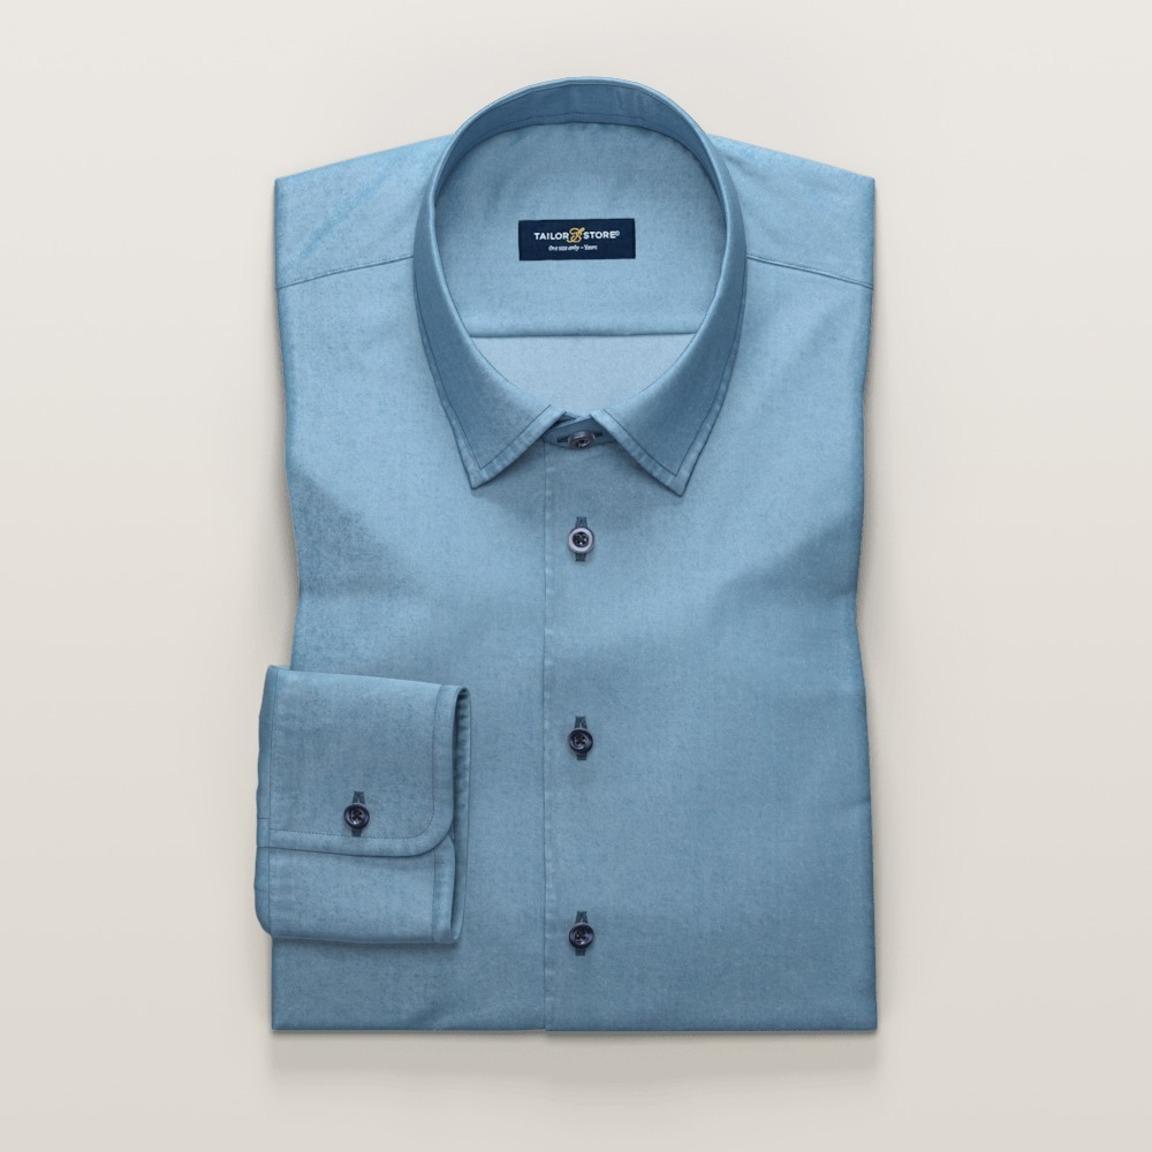 Chemise business décontractée en bleu clair